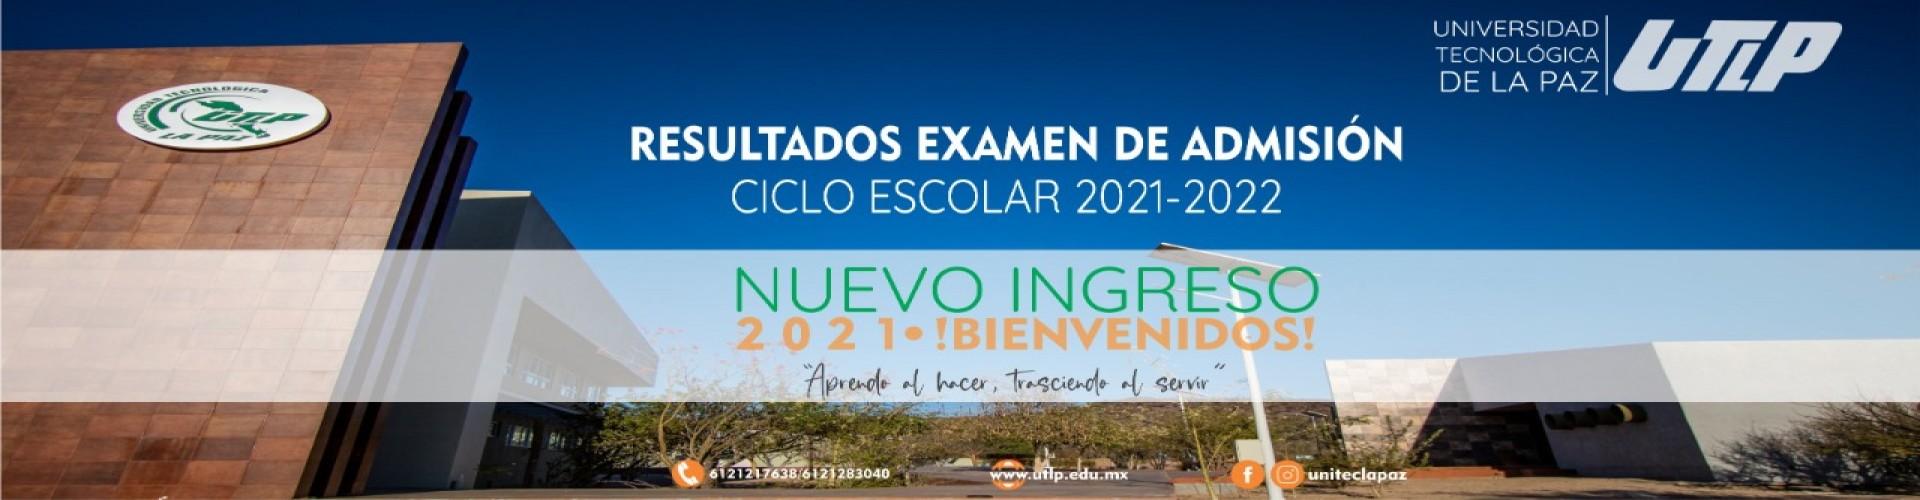 Resultados del examen de admisión para nuevo ingreso 2021